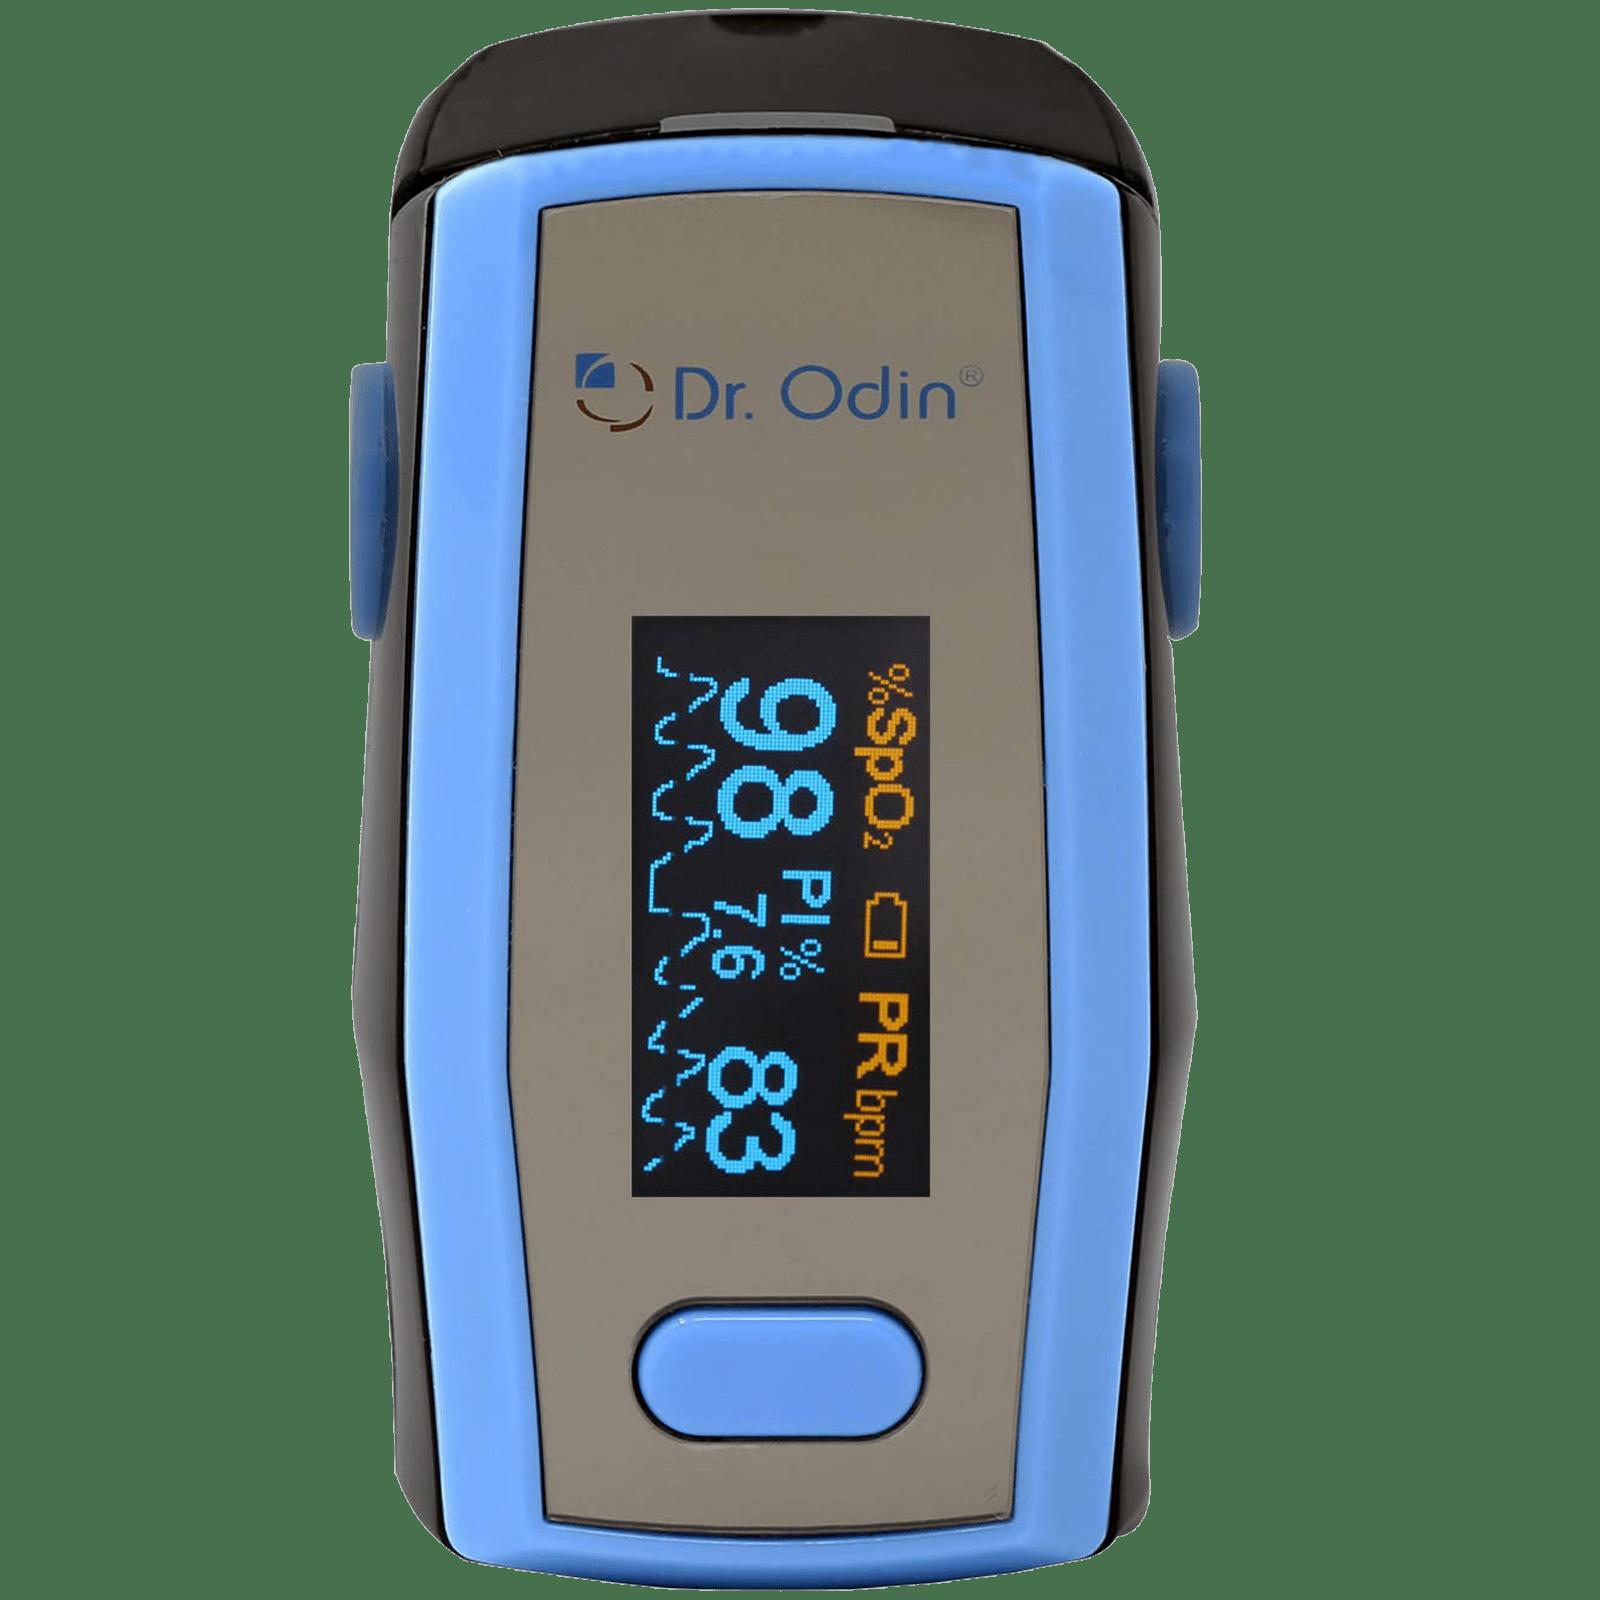 Dr. Odin OLED Pulse Monitor/Oximeter (Alarm Function, A-330N, Blue/Black)